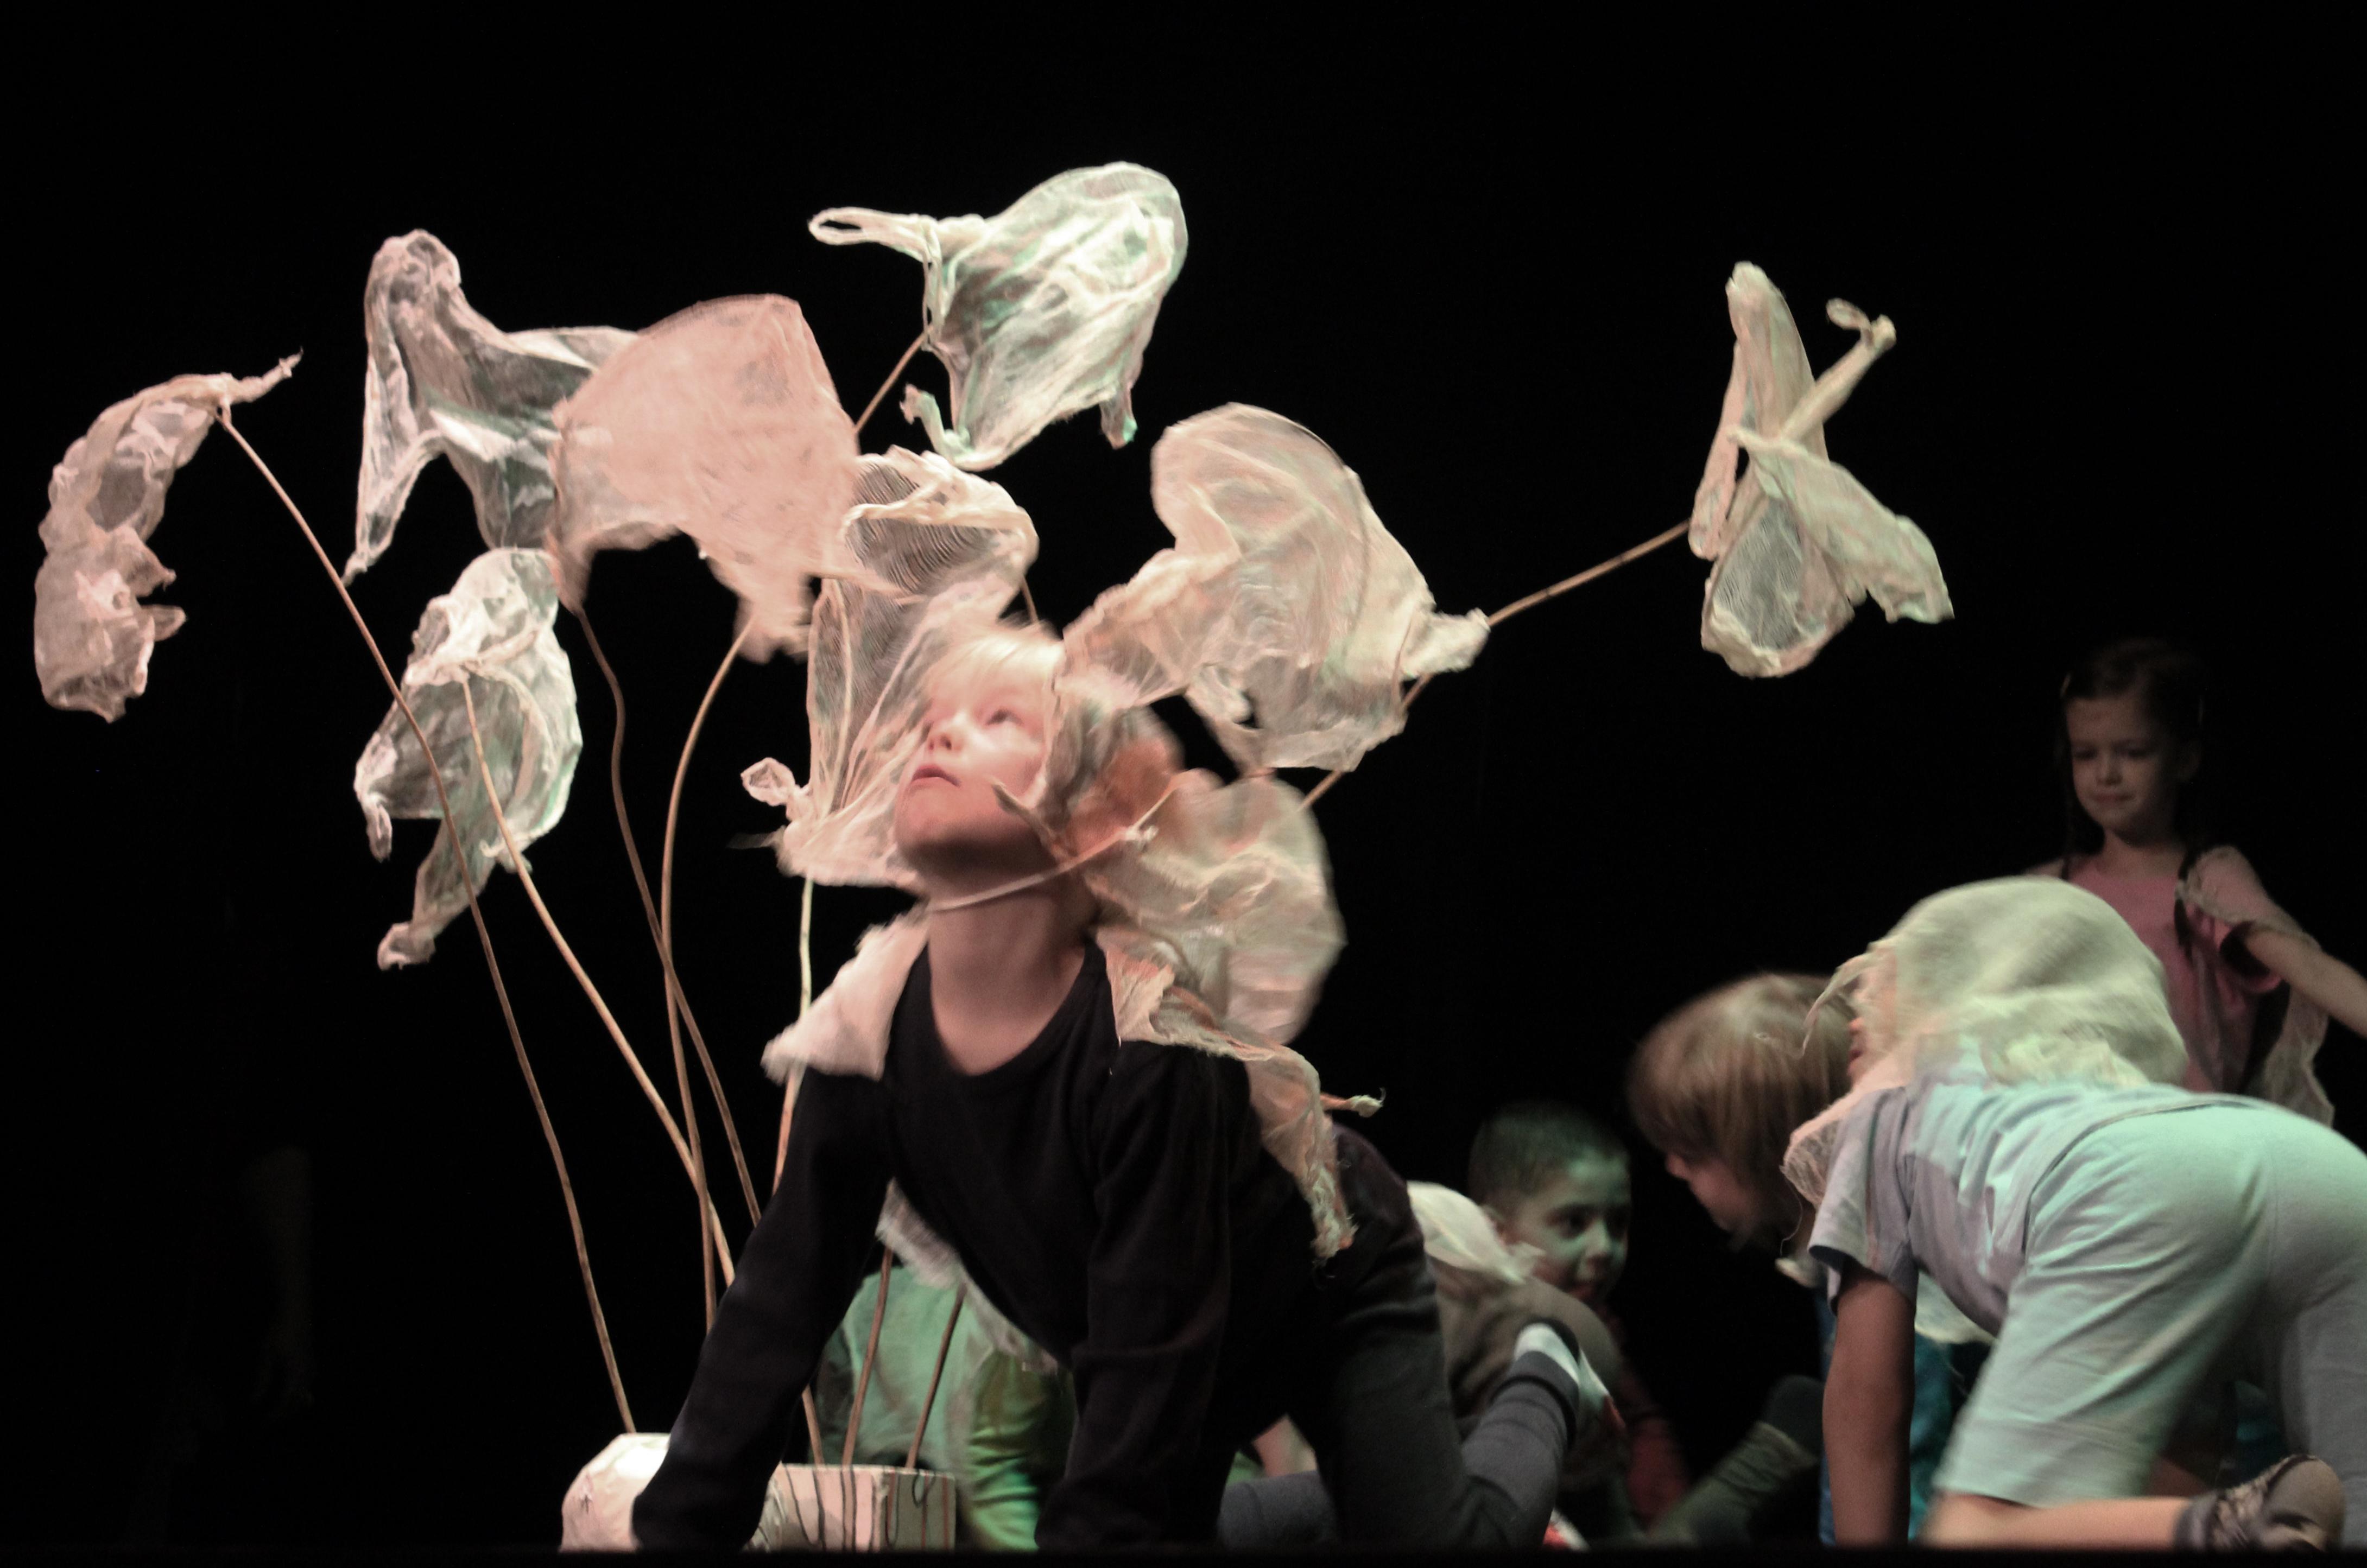 Ein etwa siebenjähriger Junge mit schwarzer Kleidung kniet im Vierfüßlerstand auf der Bühne und schaut nach oben. Um sie herum sind etwa zehn gebogene Stäbe abgebildet, an denen in verschiedenen Formen flatternde Plastiktüten bzw. Teile davon angebracht sind. Im Hintergrund des dunklen Raumes sind weitere knieende Kinder zu sehen.